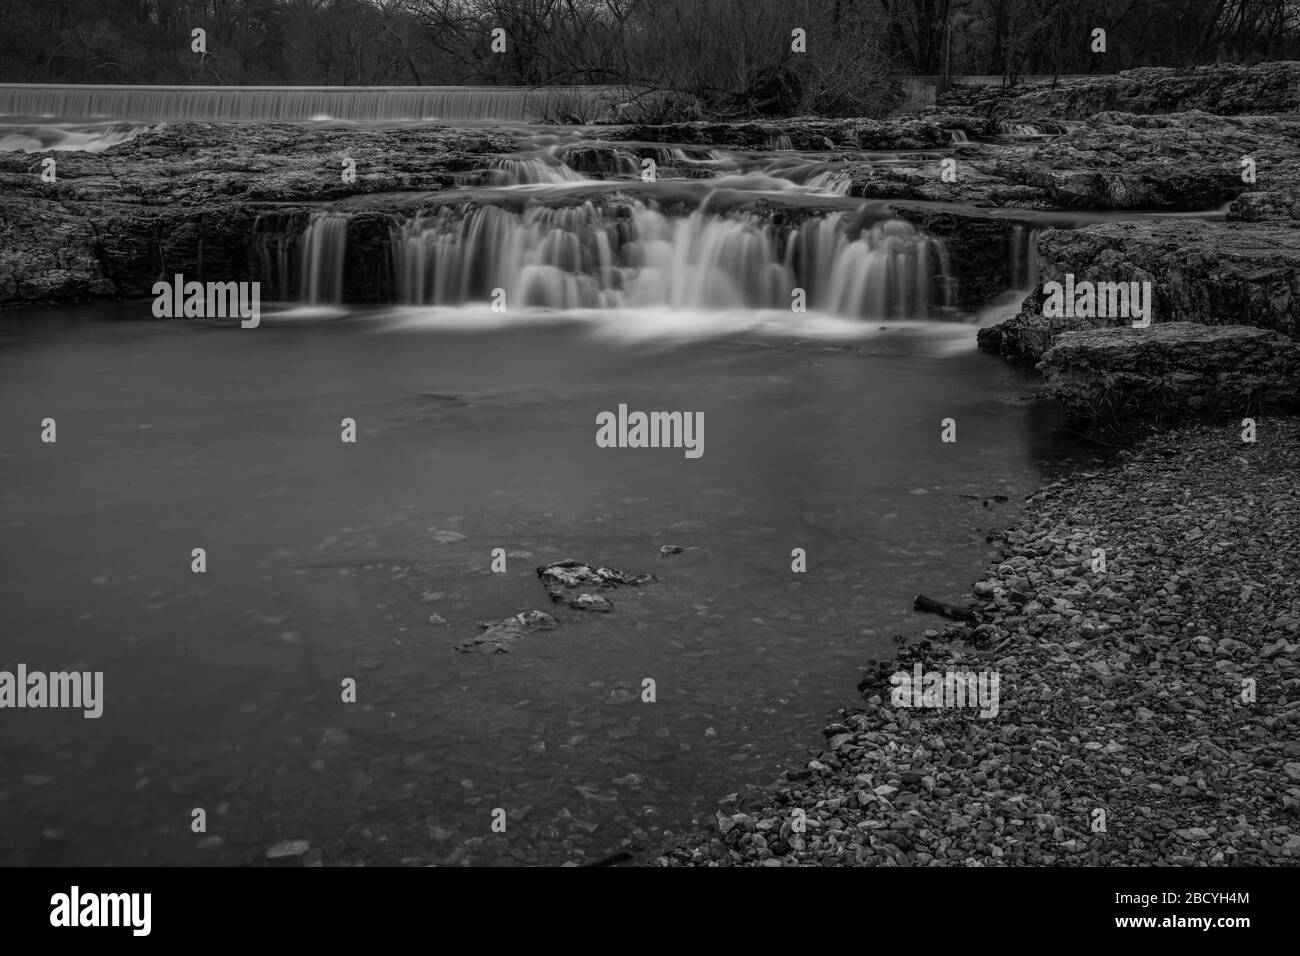 Grand Falls waterfall in Joplin, Missouri Stock Photo